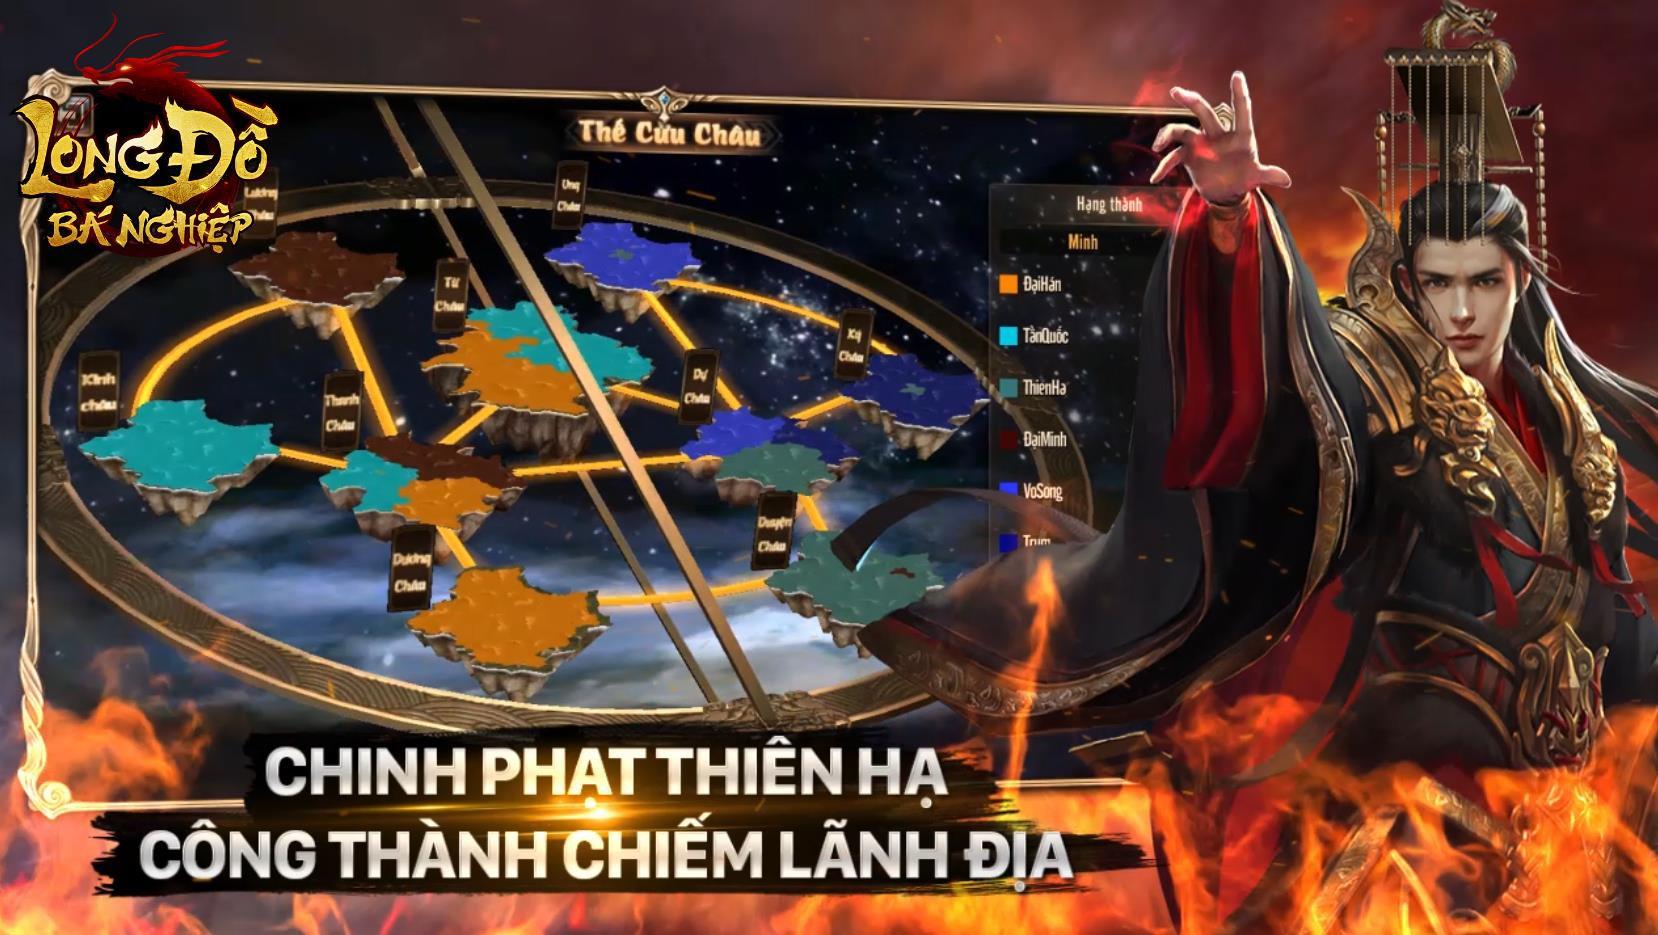 Hừng hực khí thế với trailer Long Đồ Bá Nghiệp: Game chiến thuật Top 1 Châu Á sắp ra mắt tháng 1 - Ảnh 9.